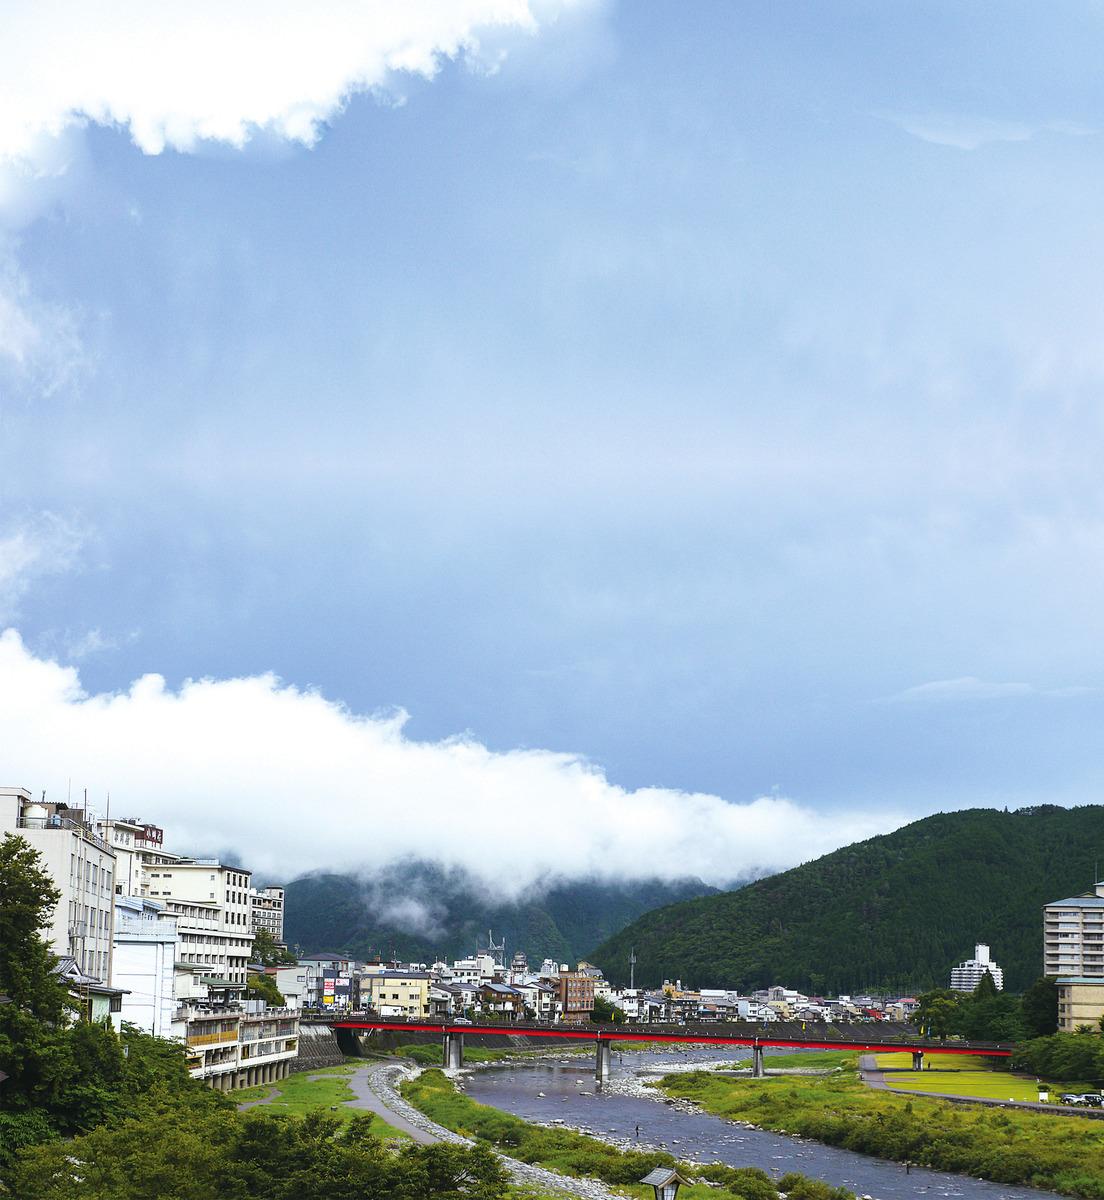 日本岐阜縣的下呂溫泉與神戶的有馬溫泉、群馬縣的草津溫泉並稱日本三大溫泉鄉。圖為位於飛彈河邊的下呂溫泉街。(PIXTA)